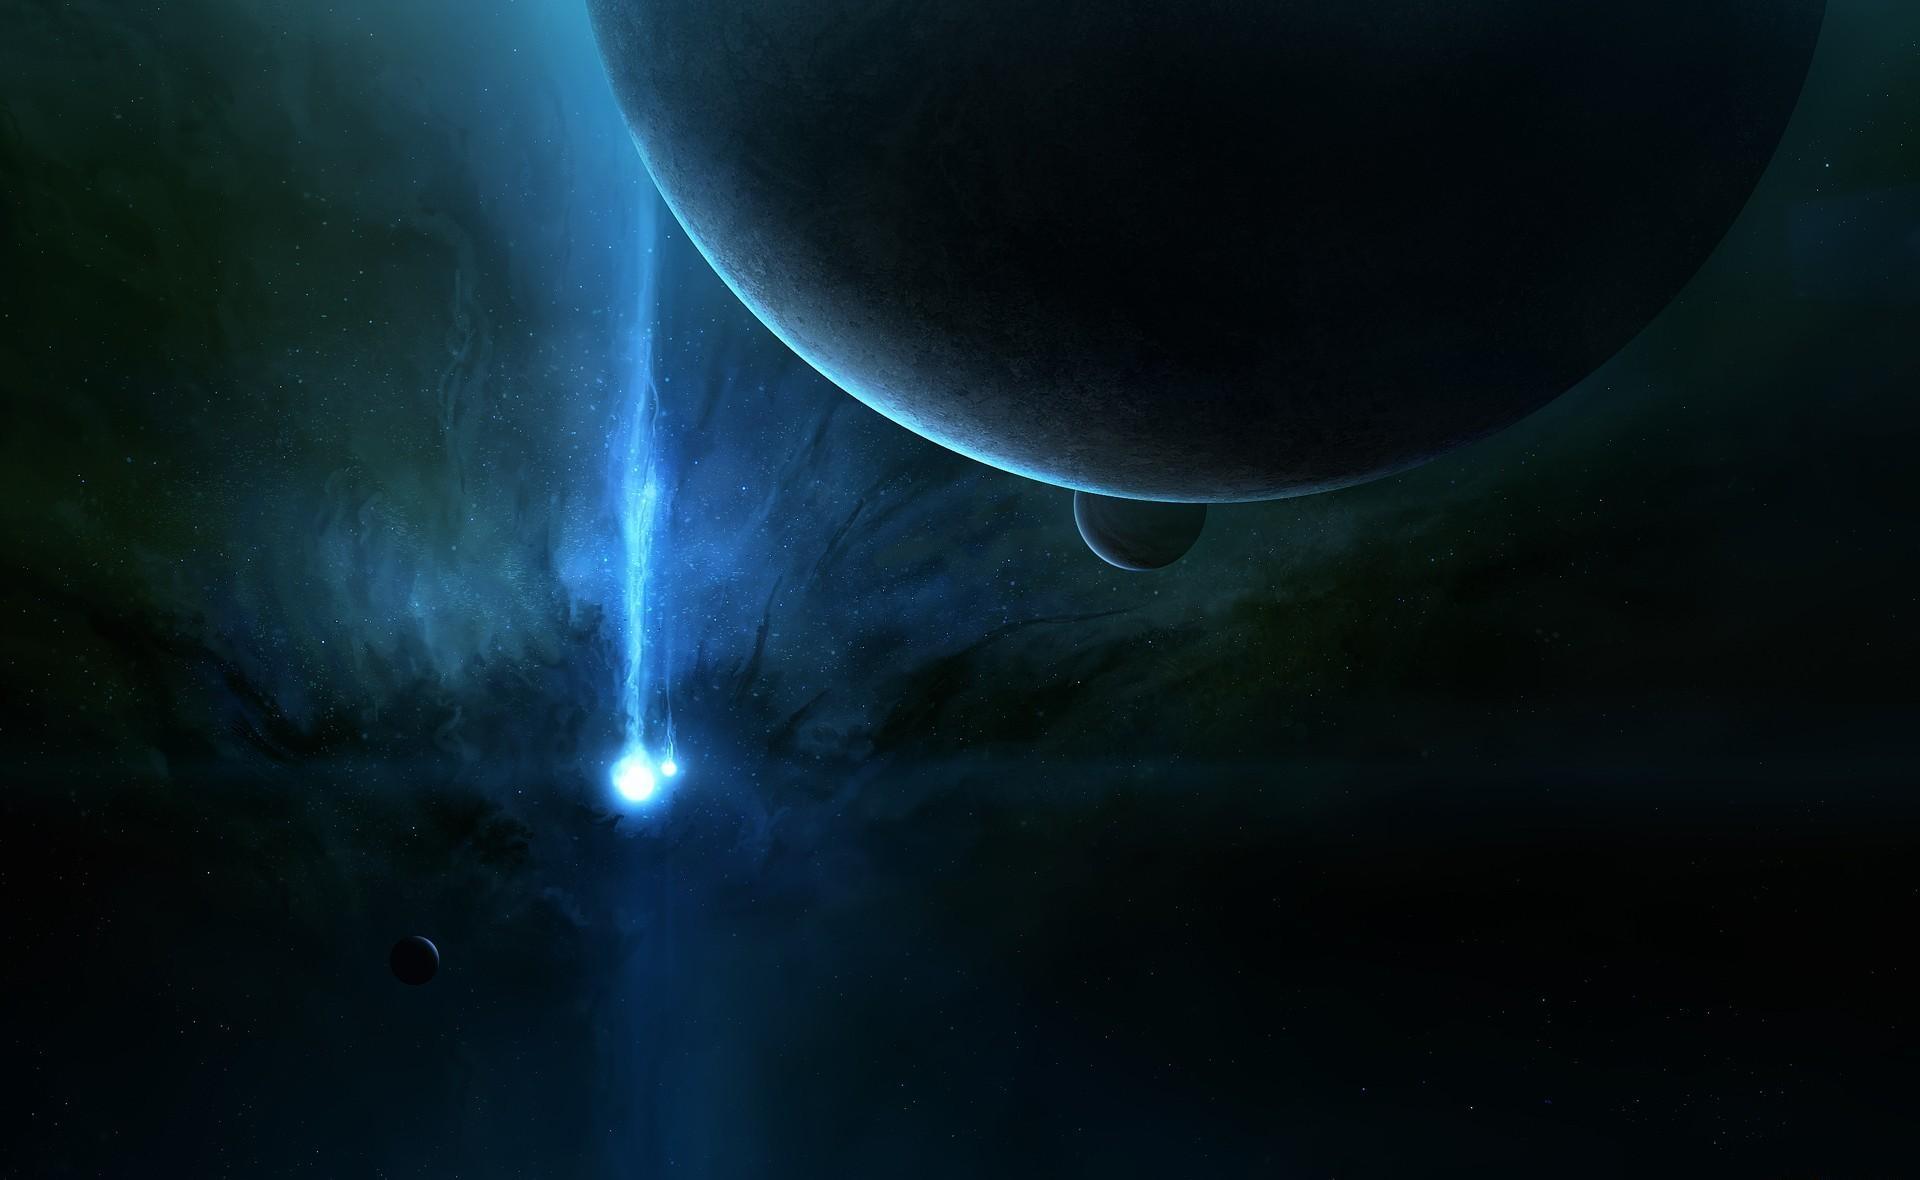 149039 Hintergrundbild herunterladen Universum, Scheinen, Licht, Platz, Raum, Strahl, Planet, Planeten, Ray - Bildschirmschoner und Bilder kostenlos